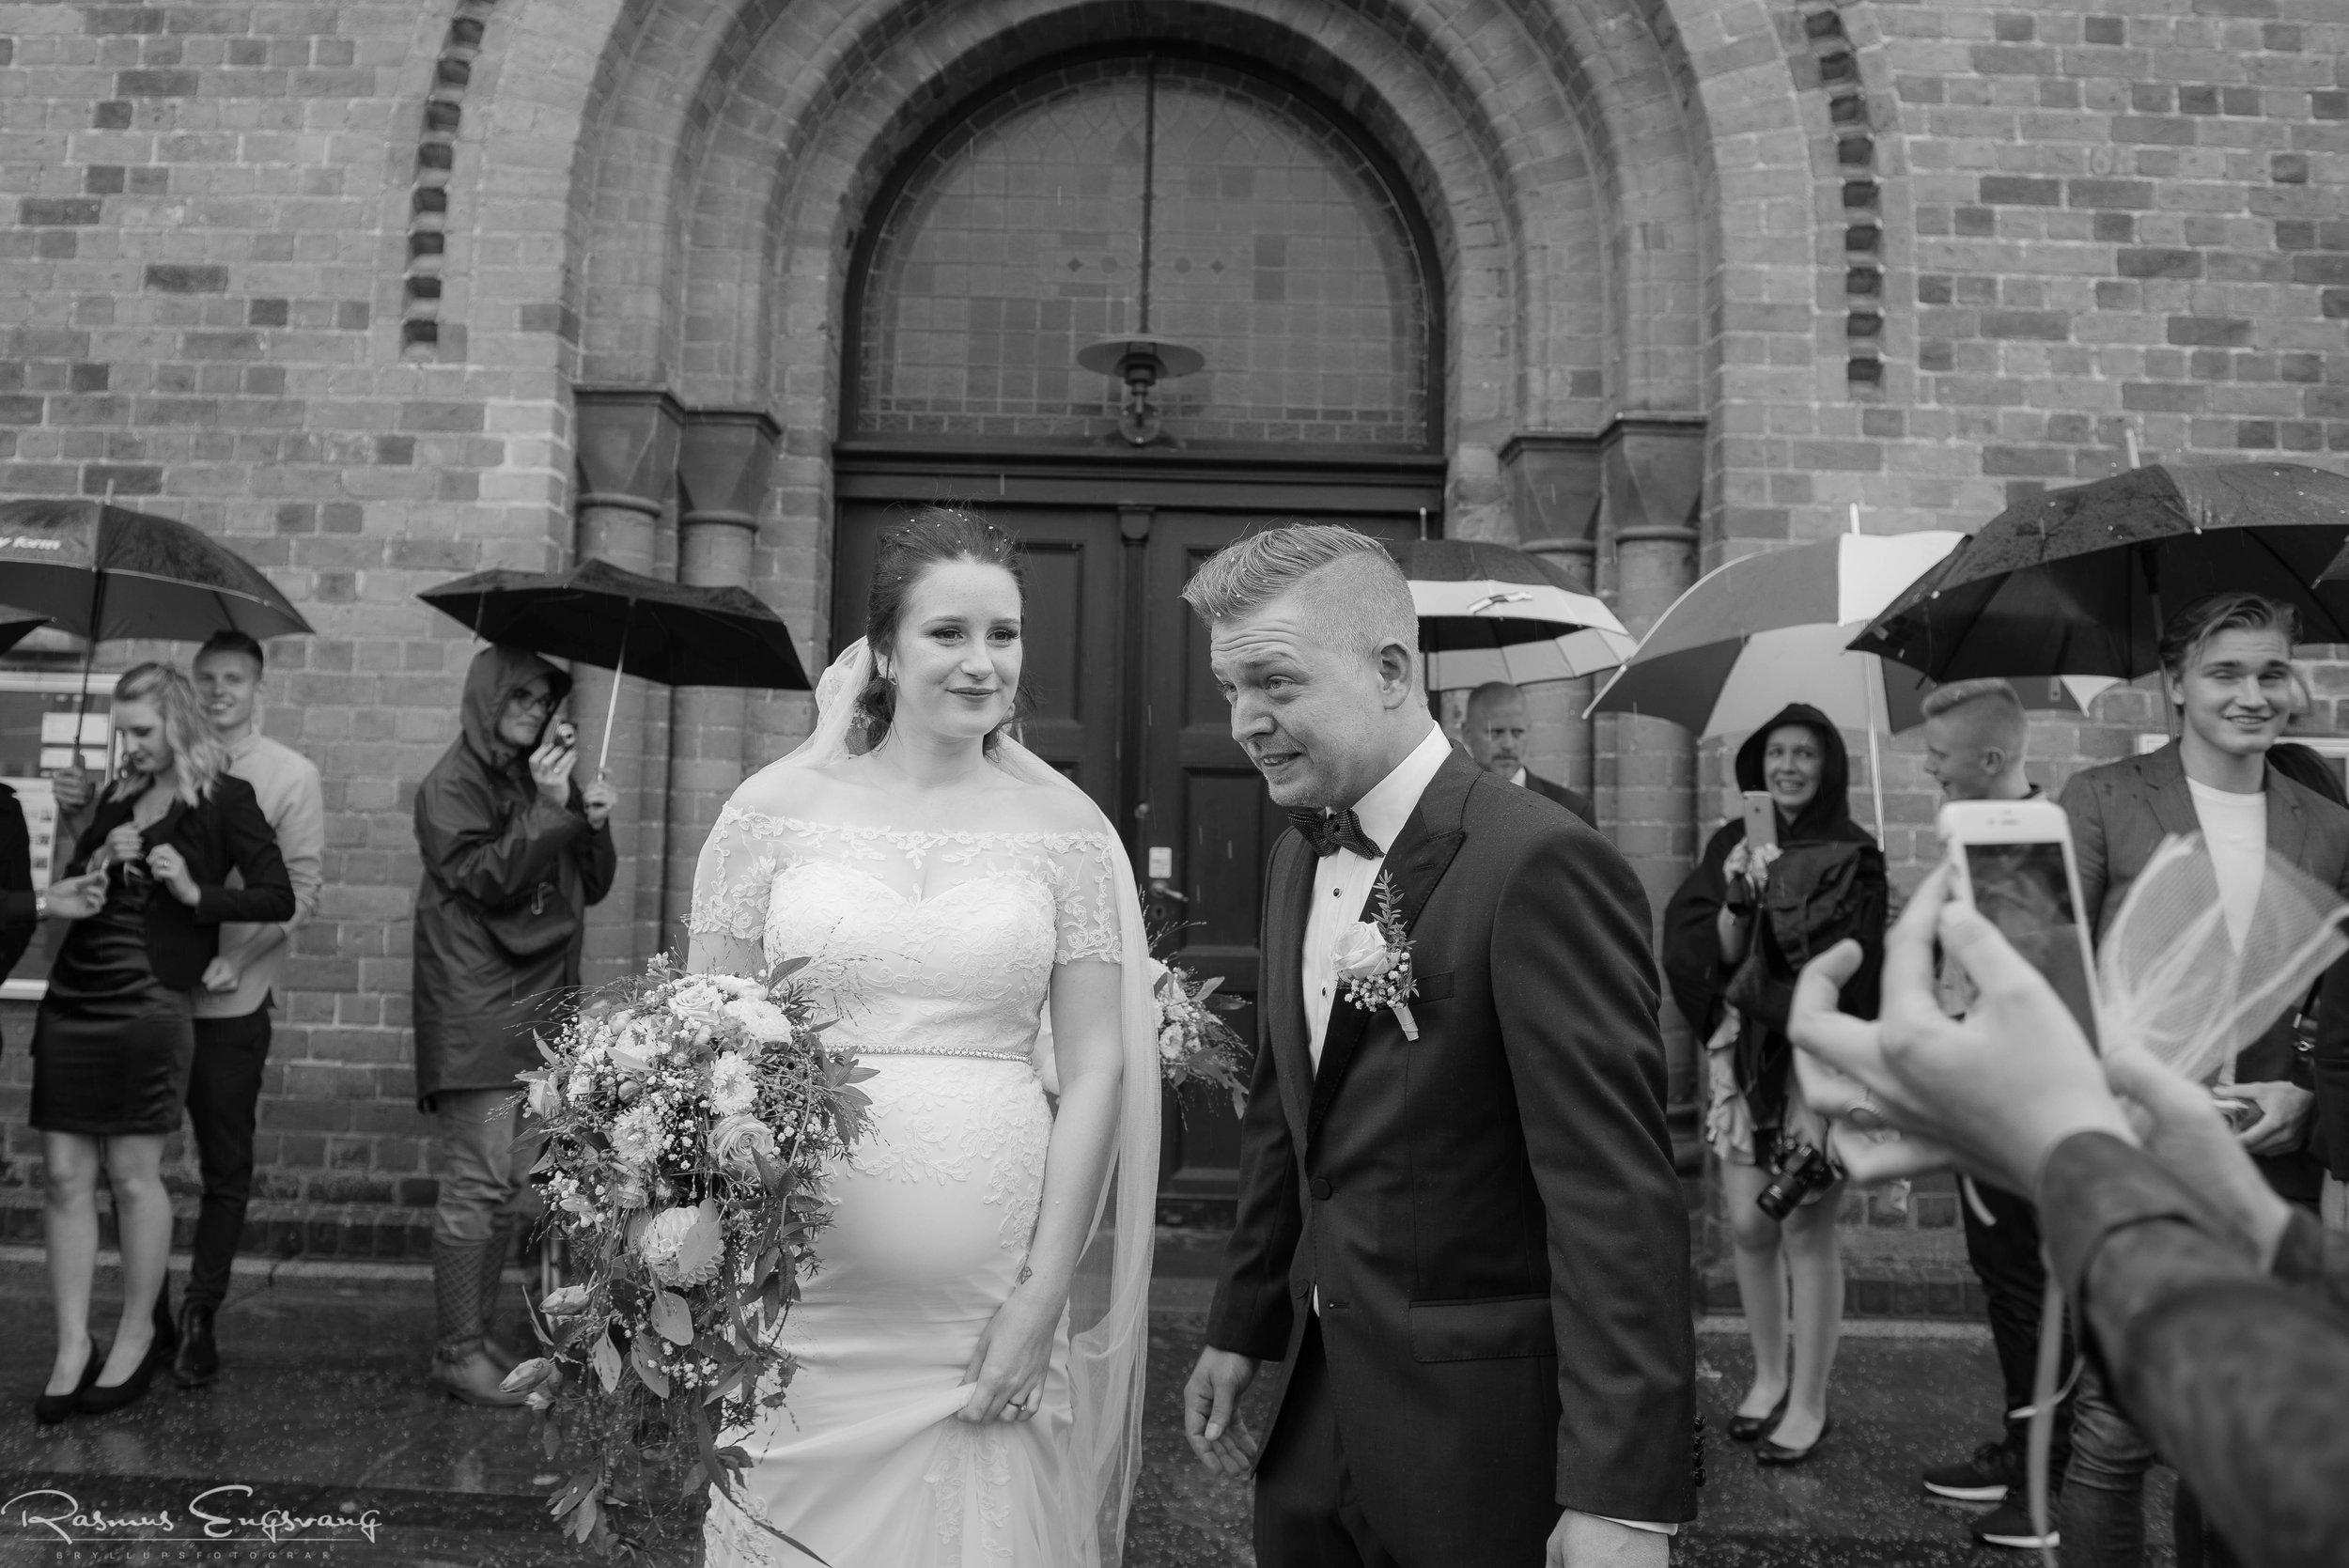 Bryllupsfotograf_Holbæk_Ringsted_Sjælland-112.jpg